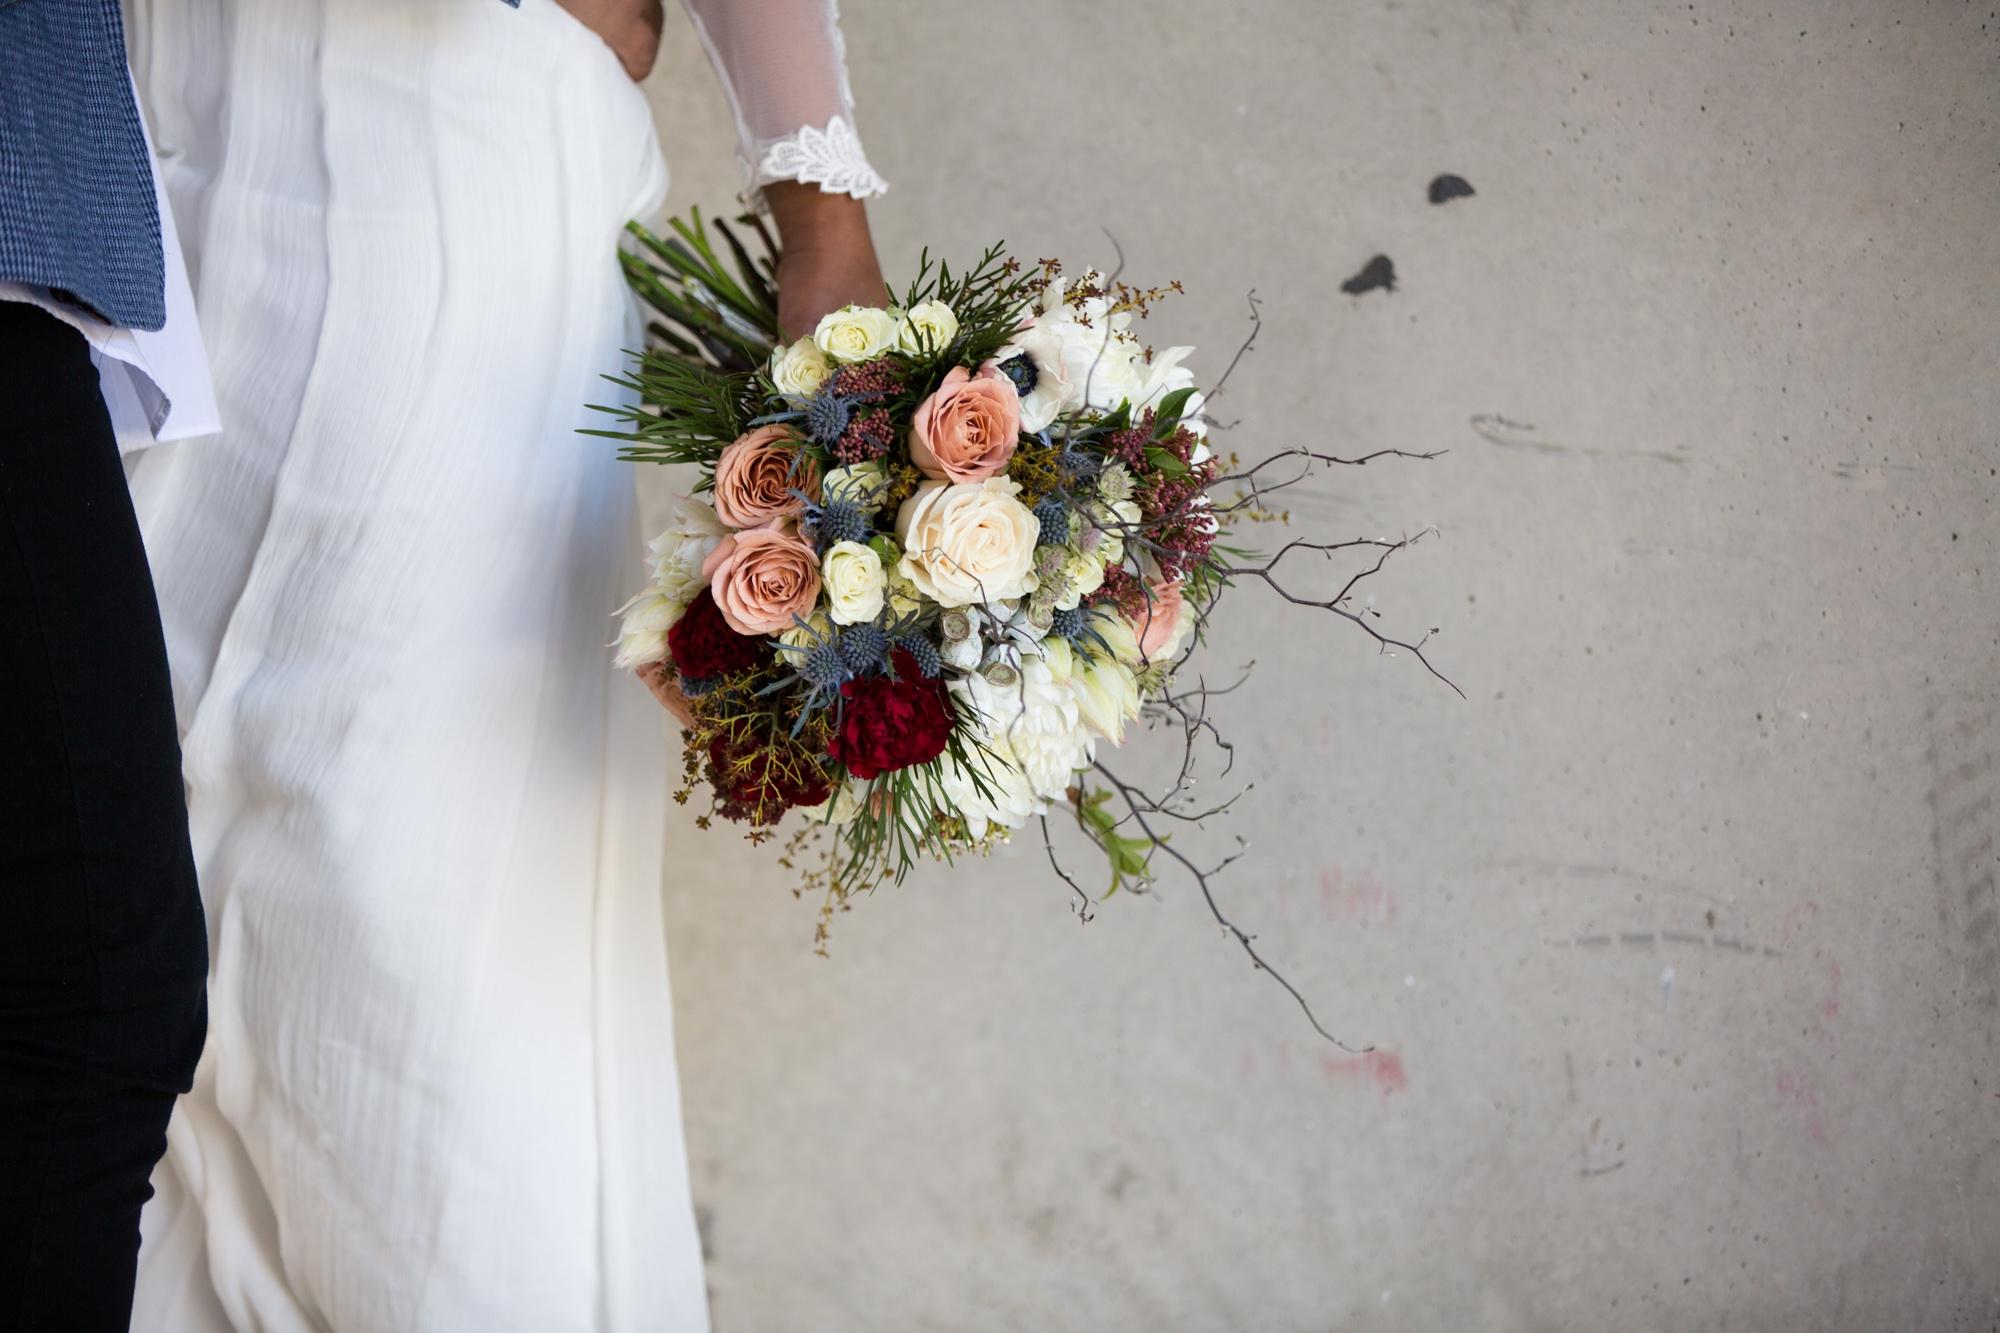 Cool and unique bridal bouquet